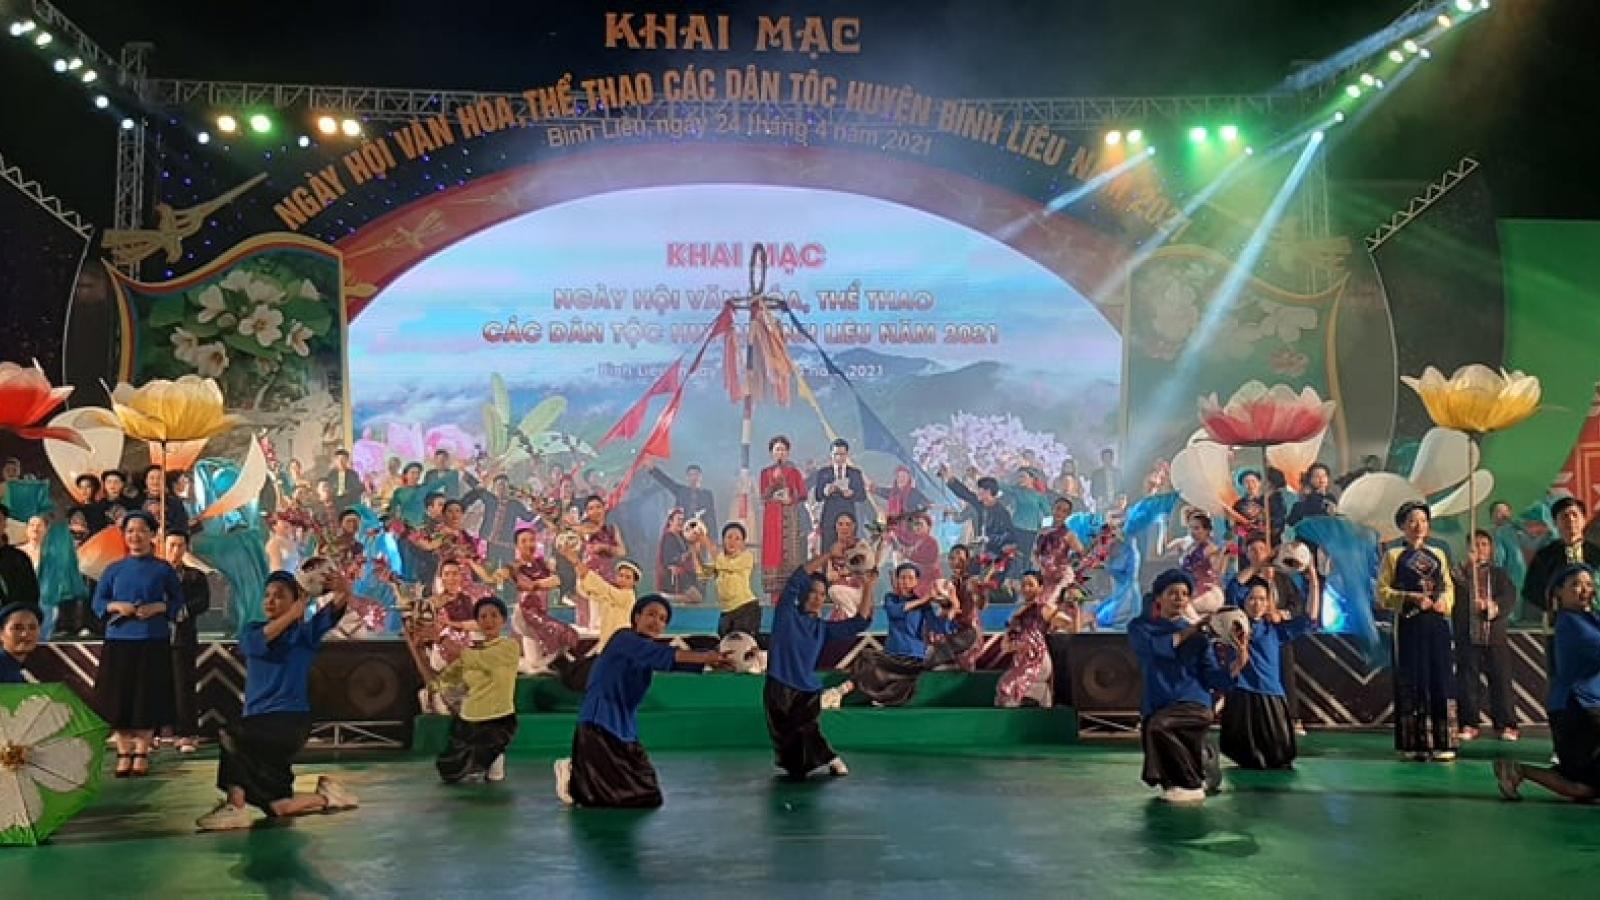 Ngày hội Văn hóa Thể thao các dân tộc huyện Bình Liêu, Quảng Ninh